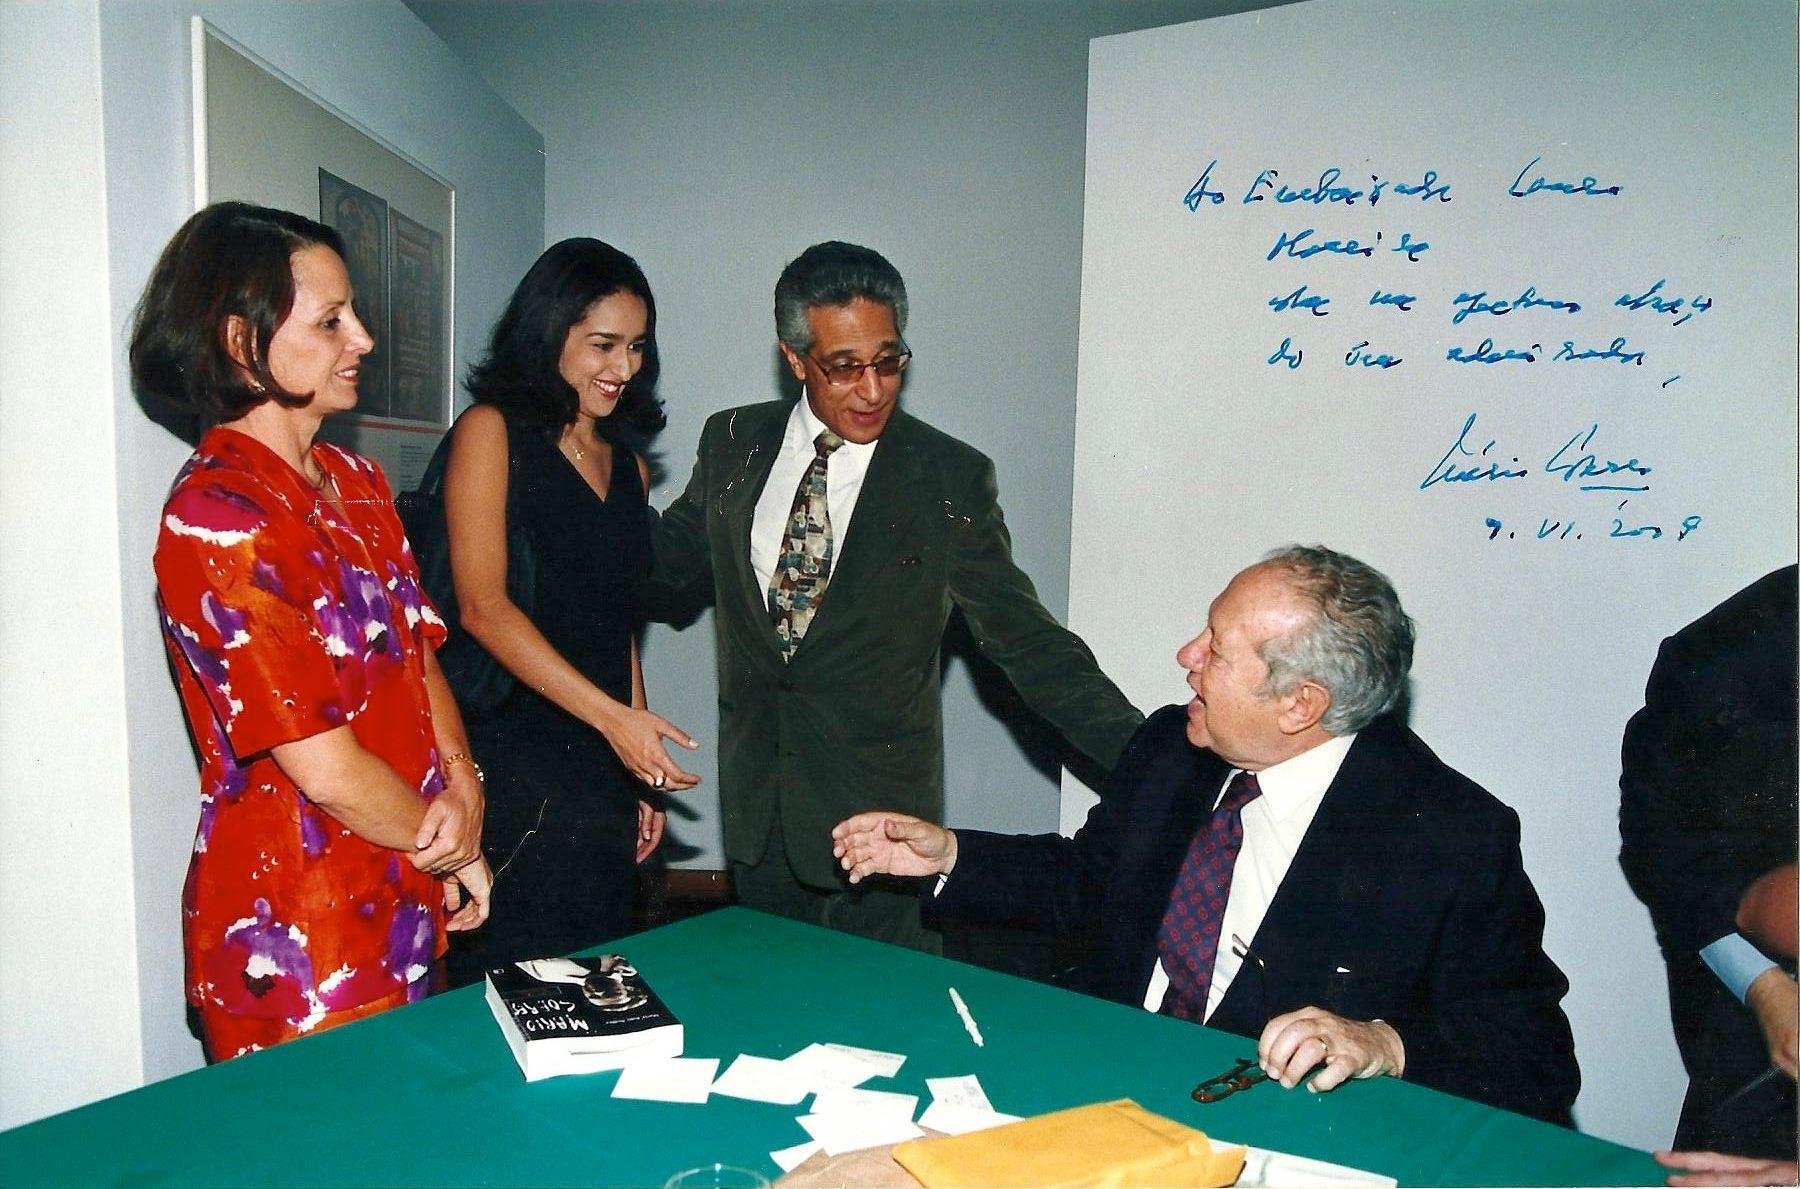 Lauro Moreira, Presidente do Conselho Diretivo do OLP-Observatório da Língua Portuguesa com Mário Soares